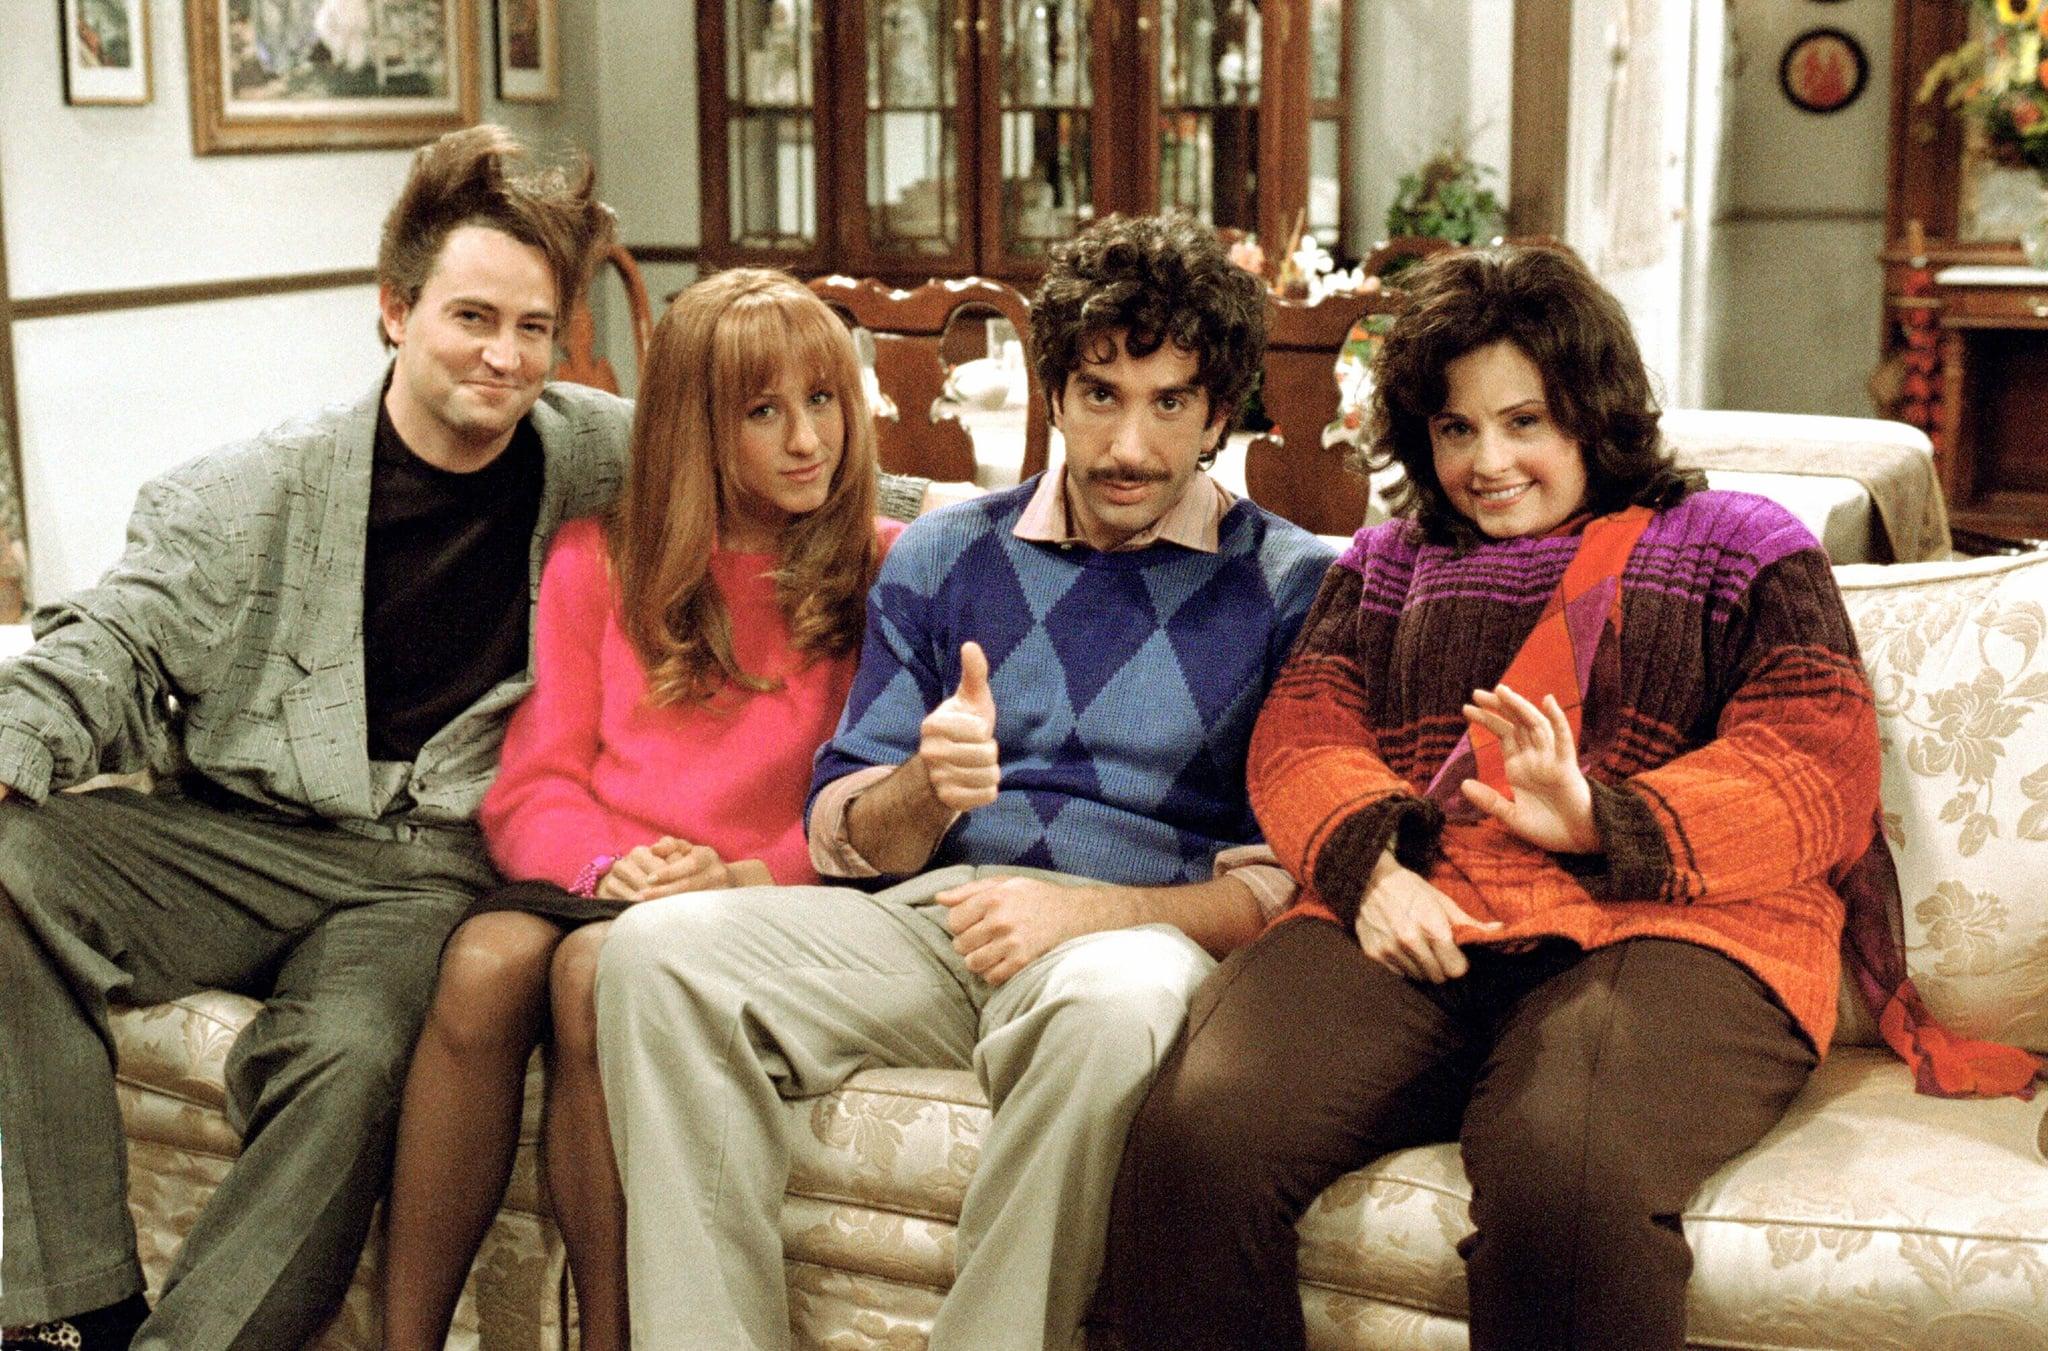 FRIENDS ، از چپ: متیو پری ، جنیفر آنیستون ، دیوید شویمر ، کورتنی کاکس ،